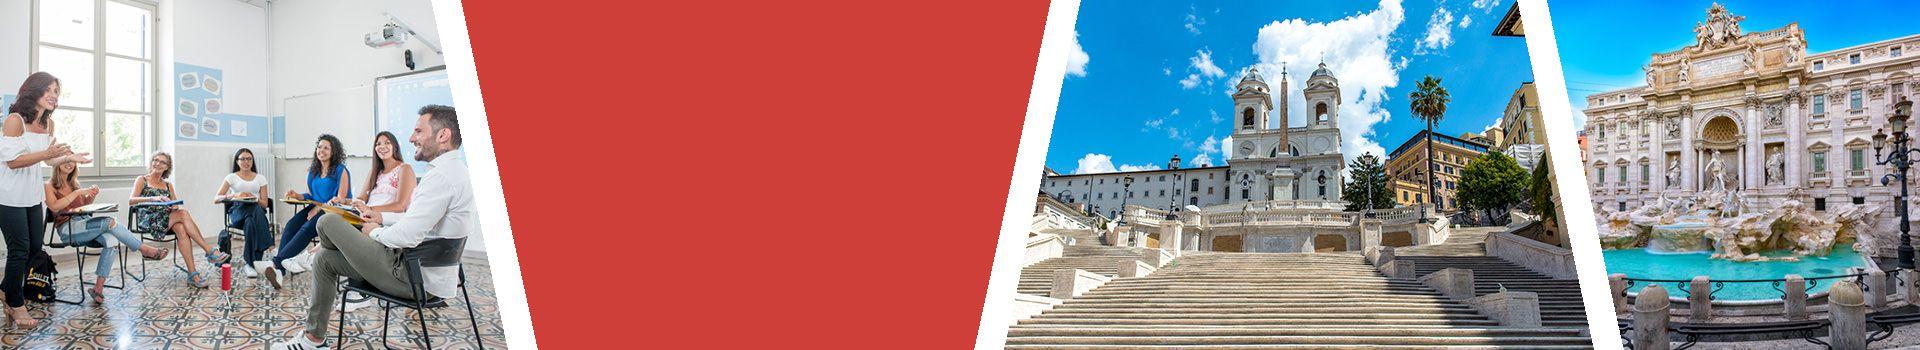 Sprachreise nach Rom für Erwachsene in Italien Slider